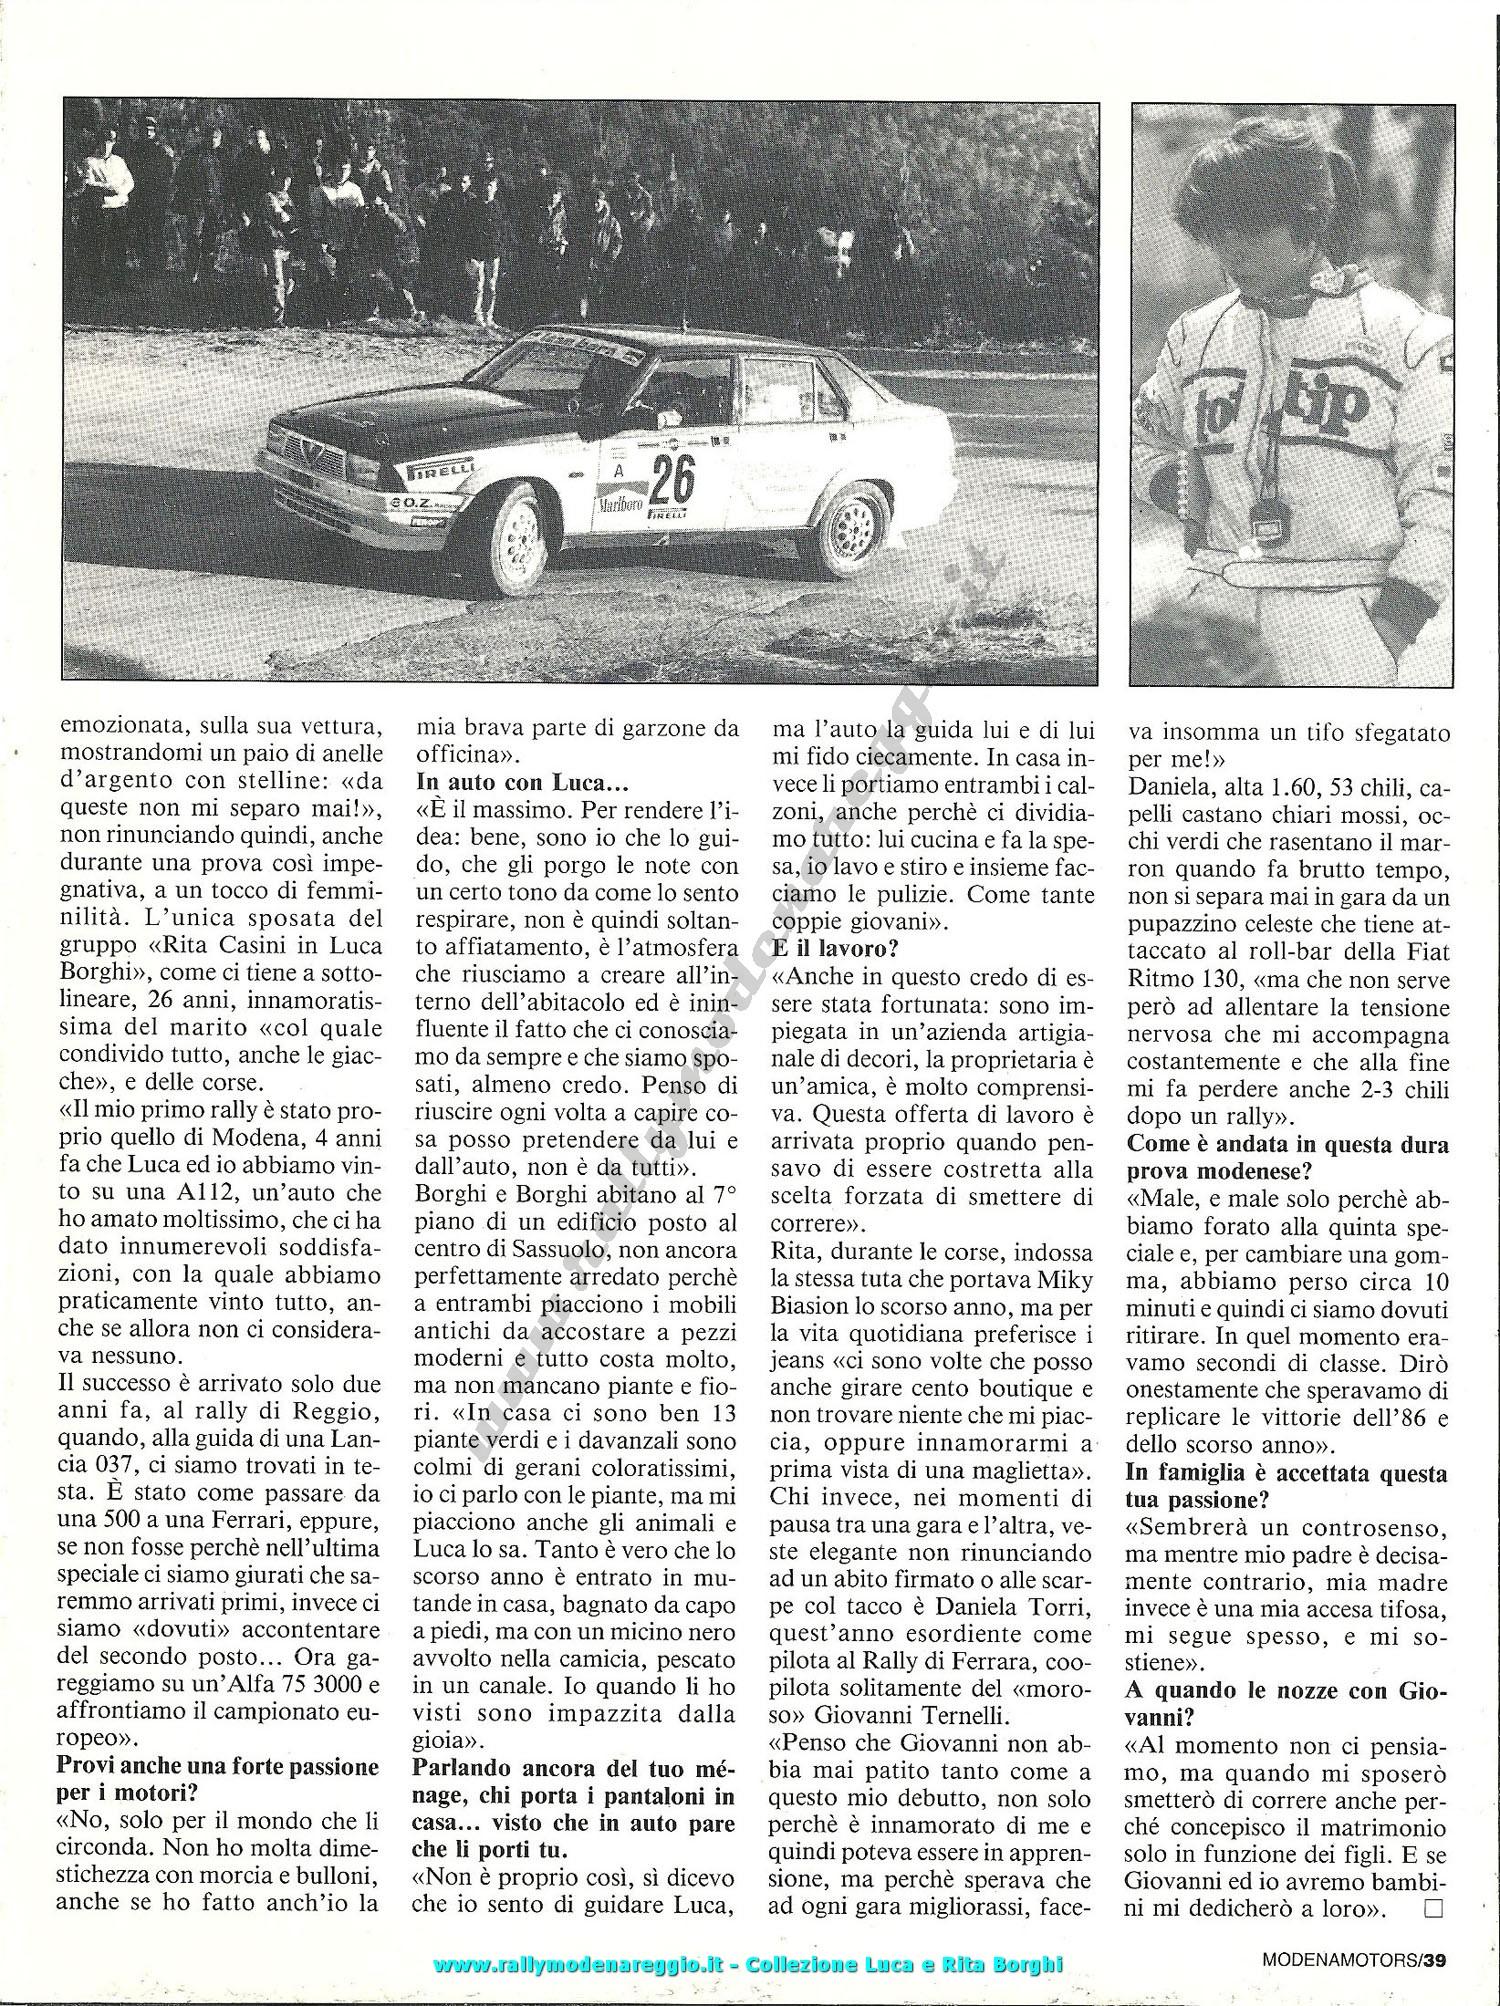 Modena motors d